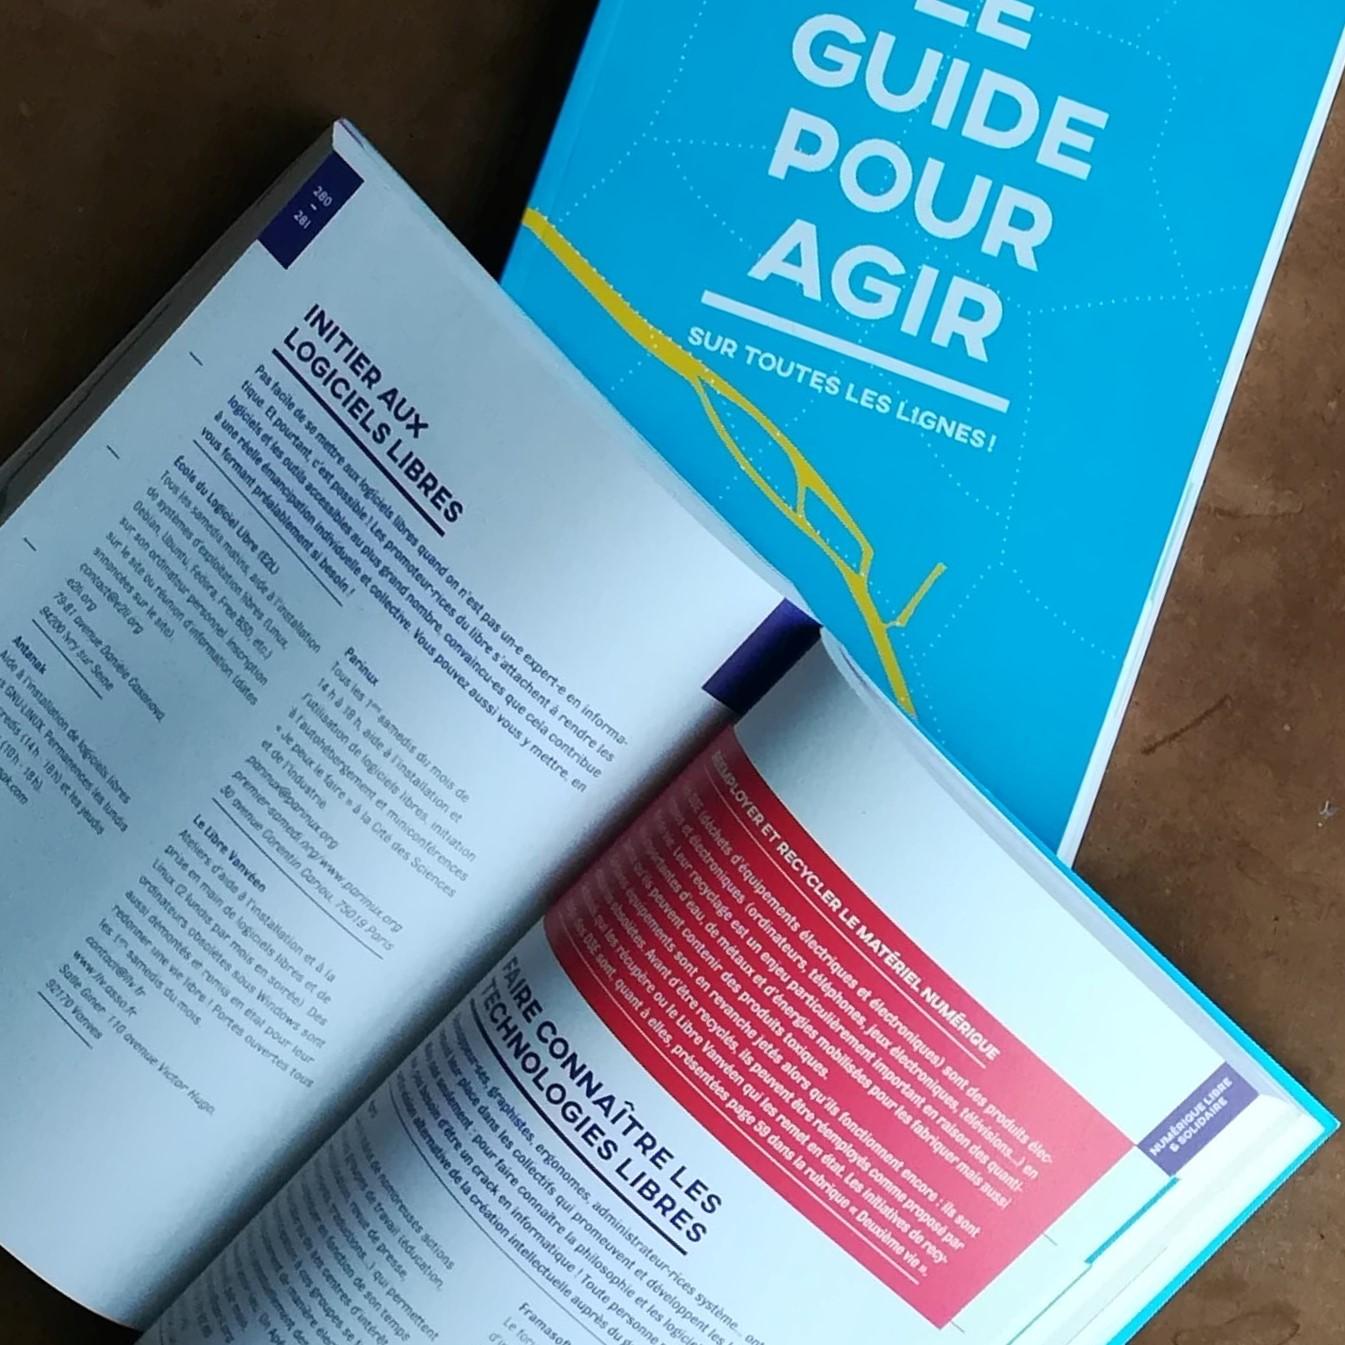 Le Guide pour Agir